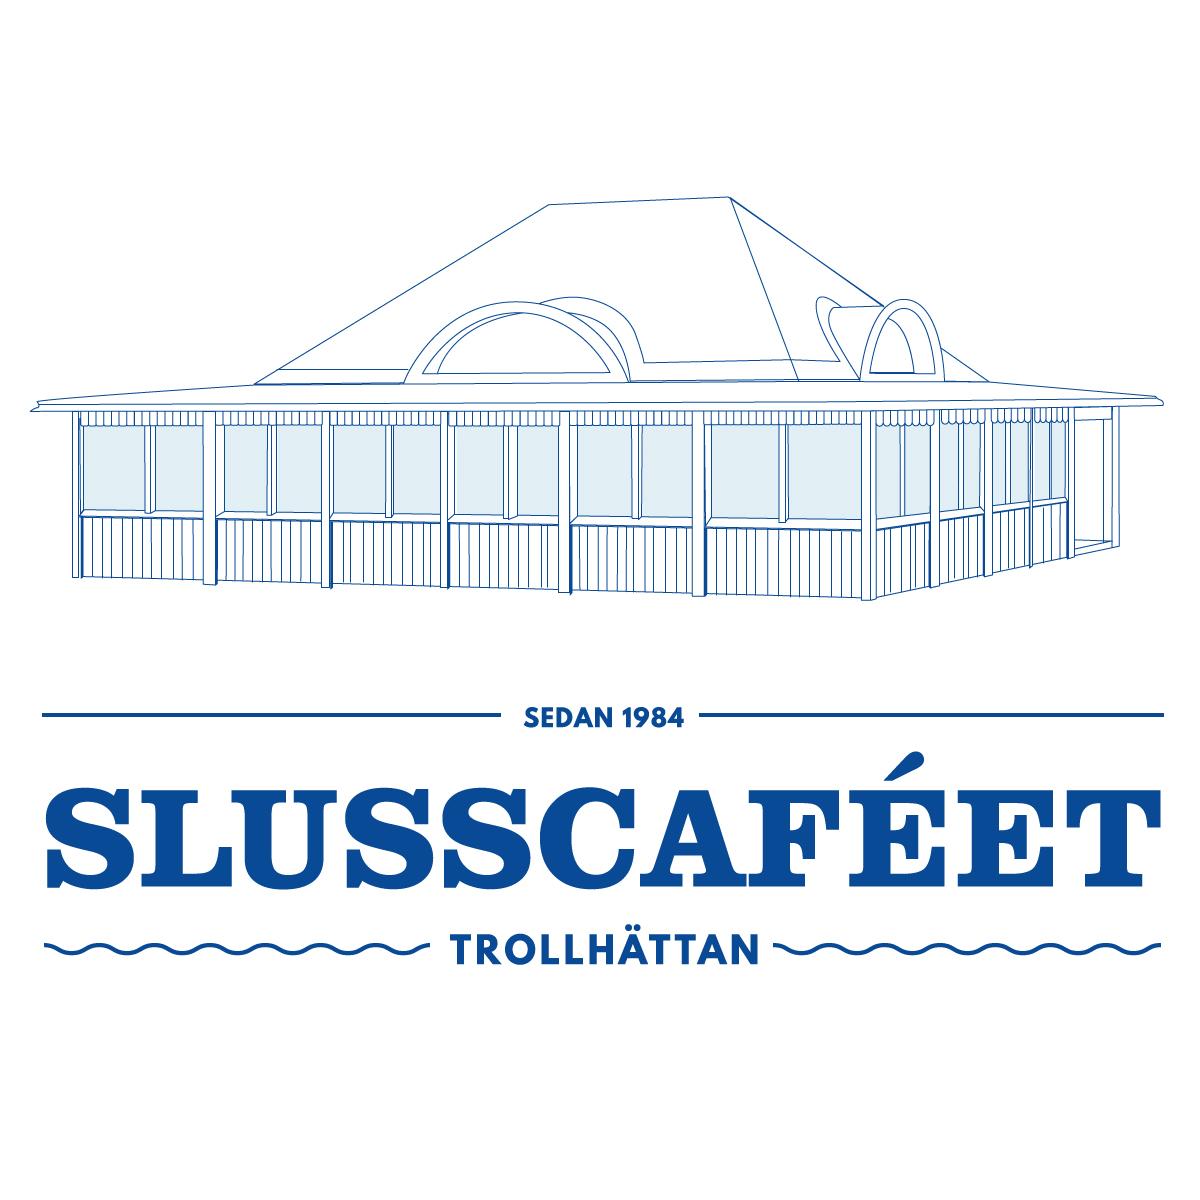 Slusscaféet